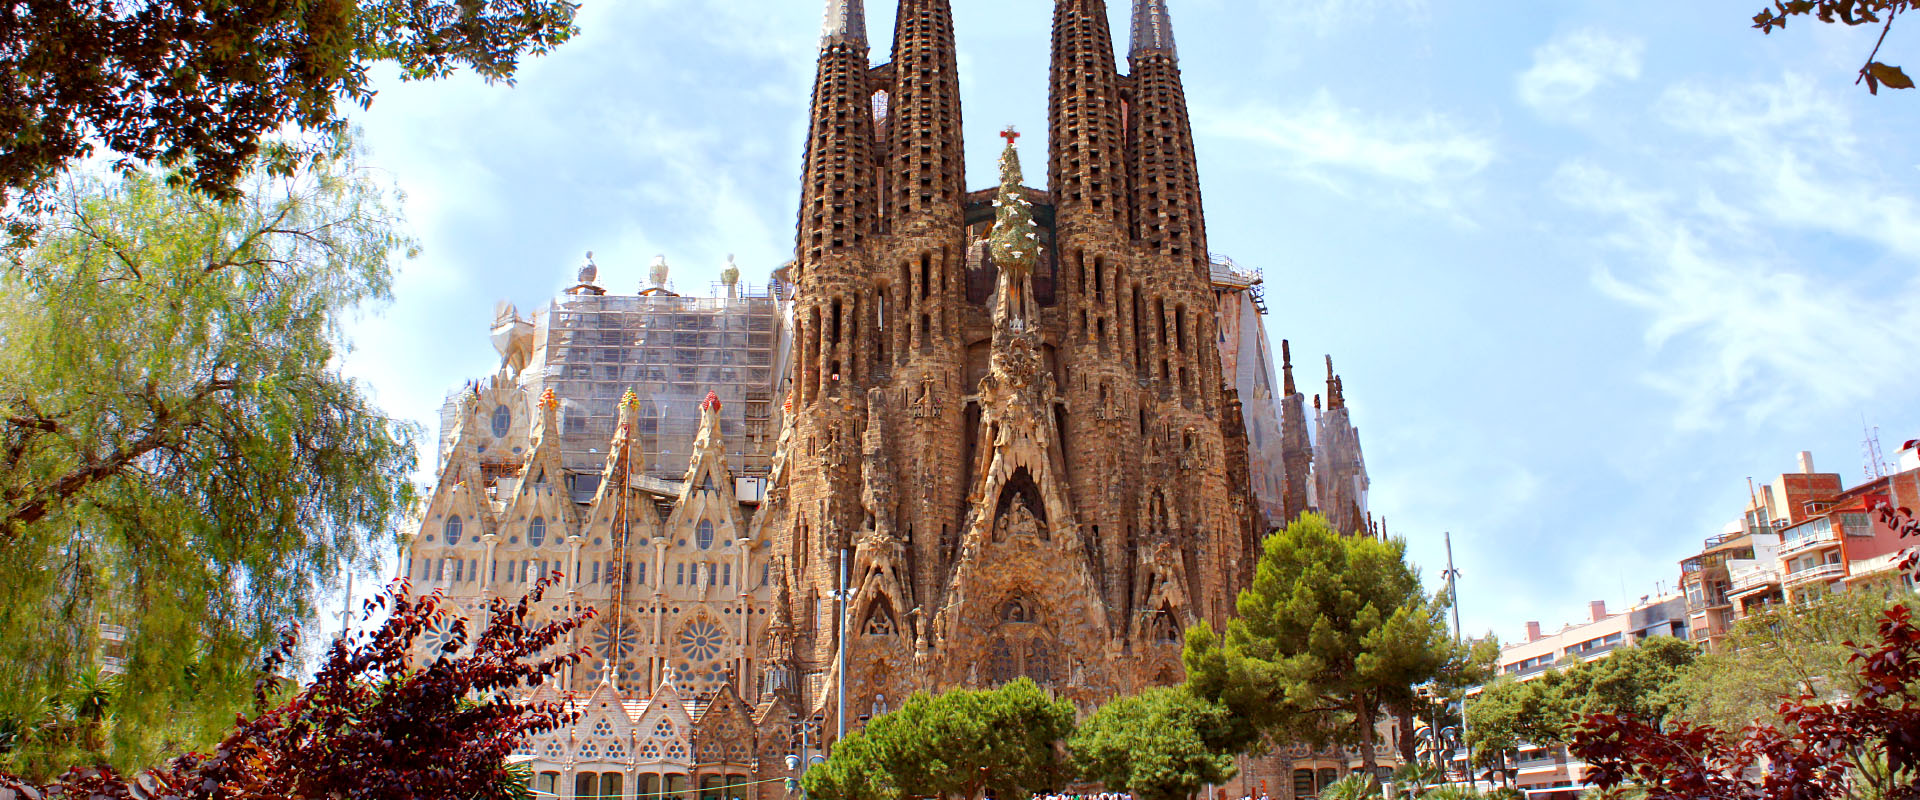 Barcelona a través de las huellas de Gaudí